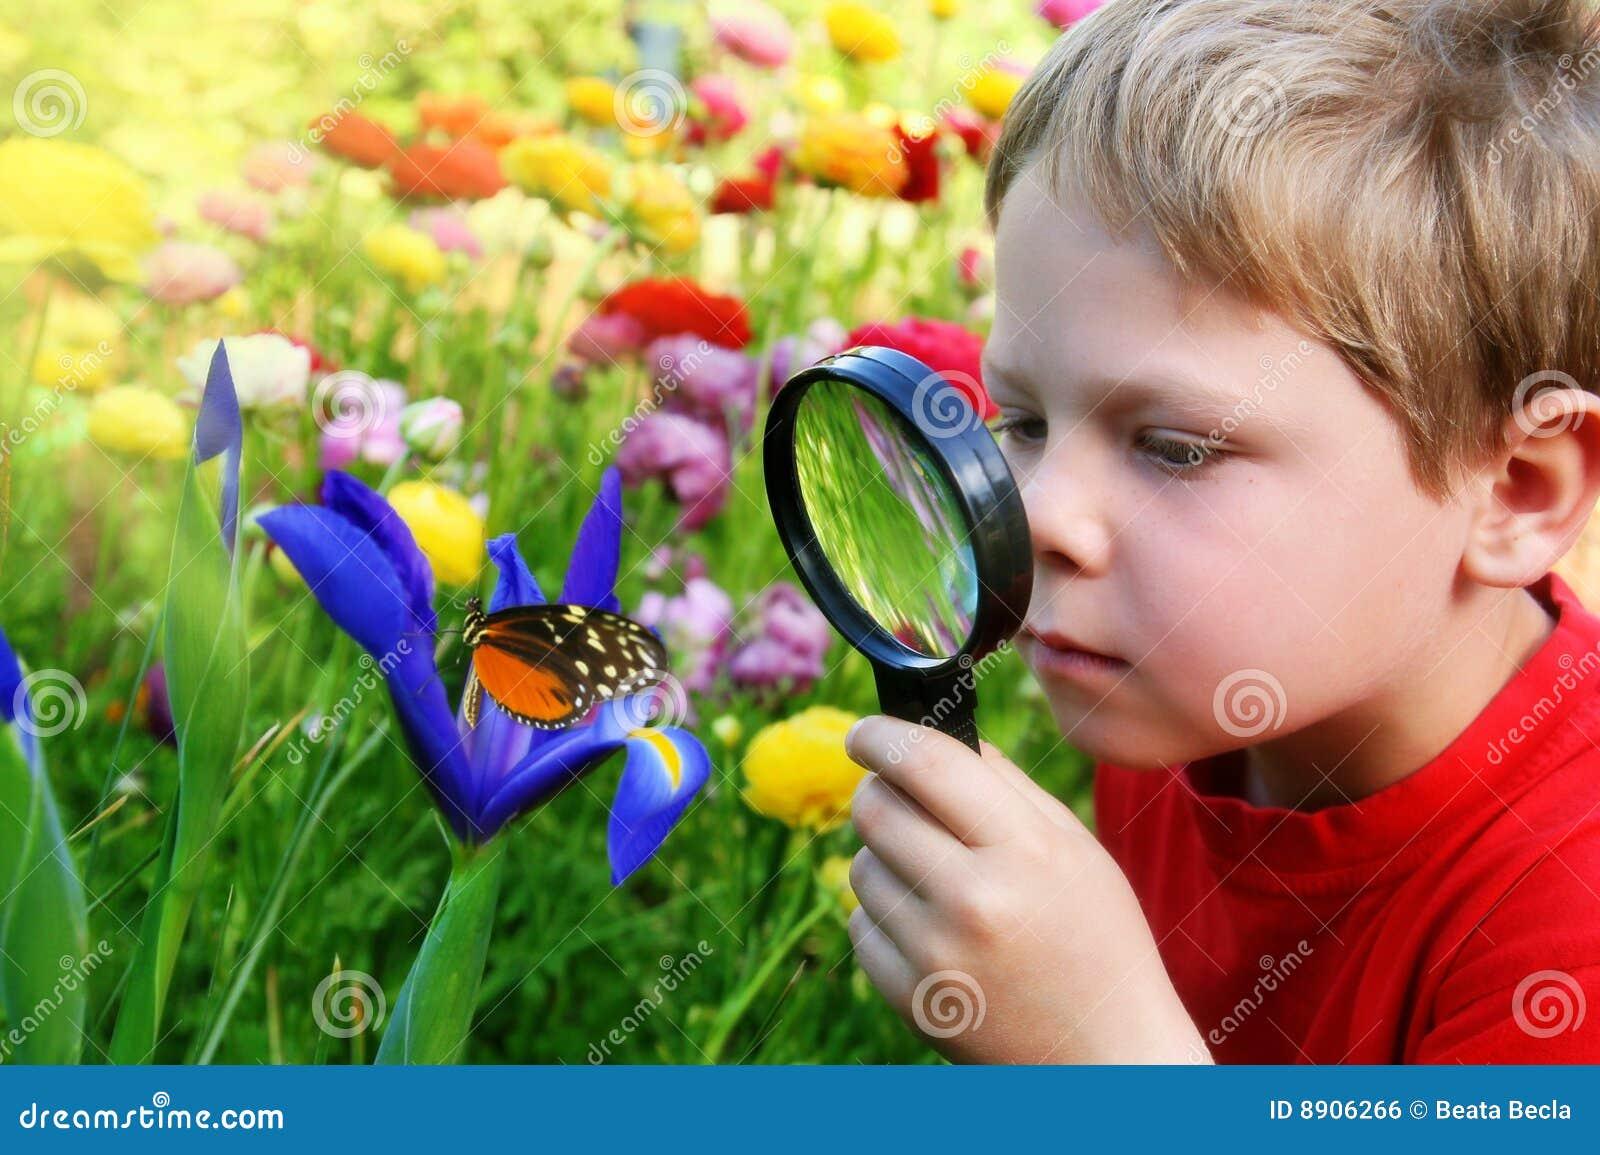 Criança observando uma borboleta